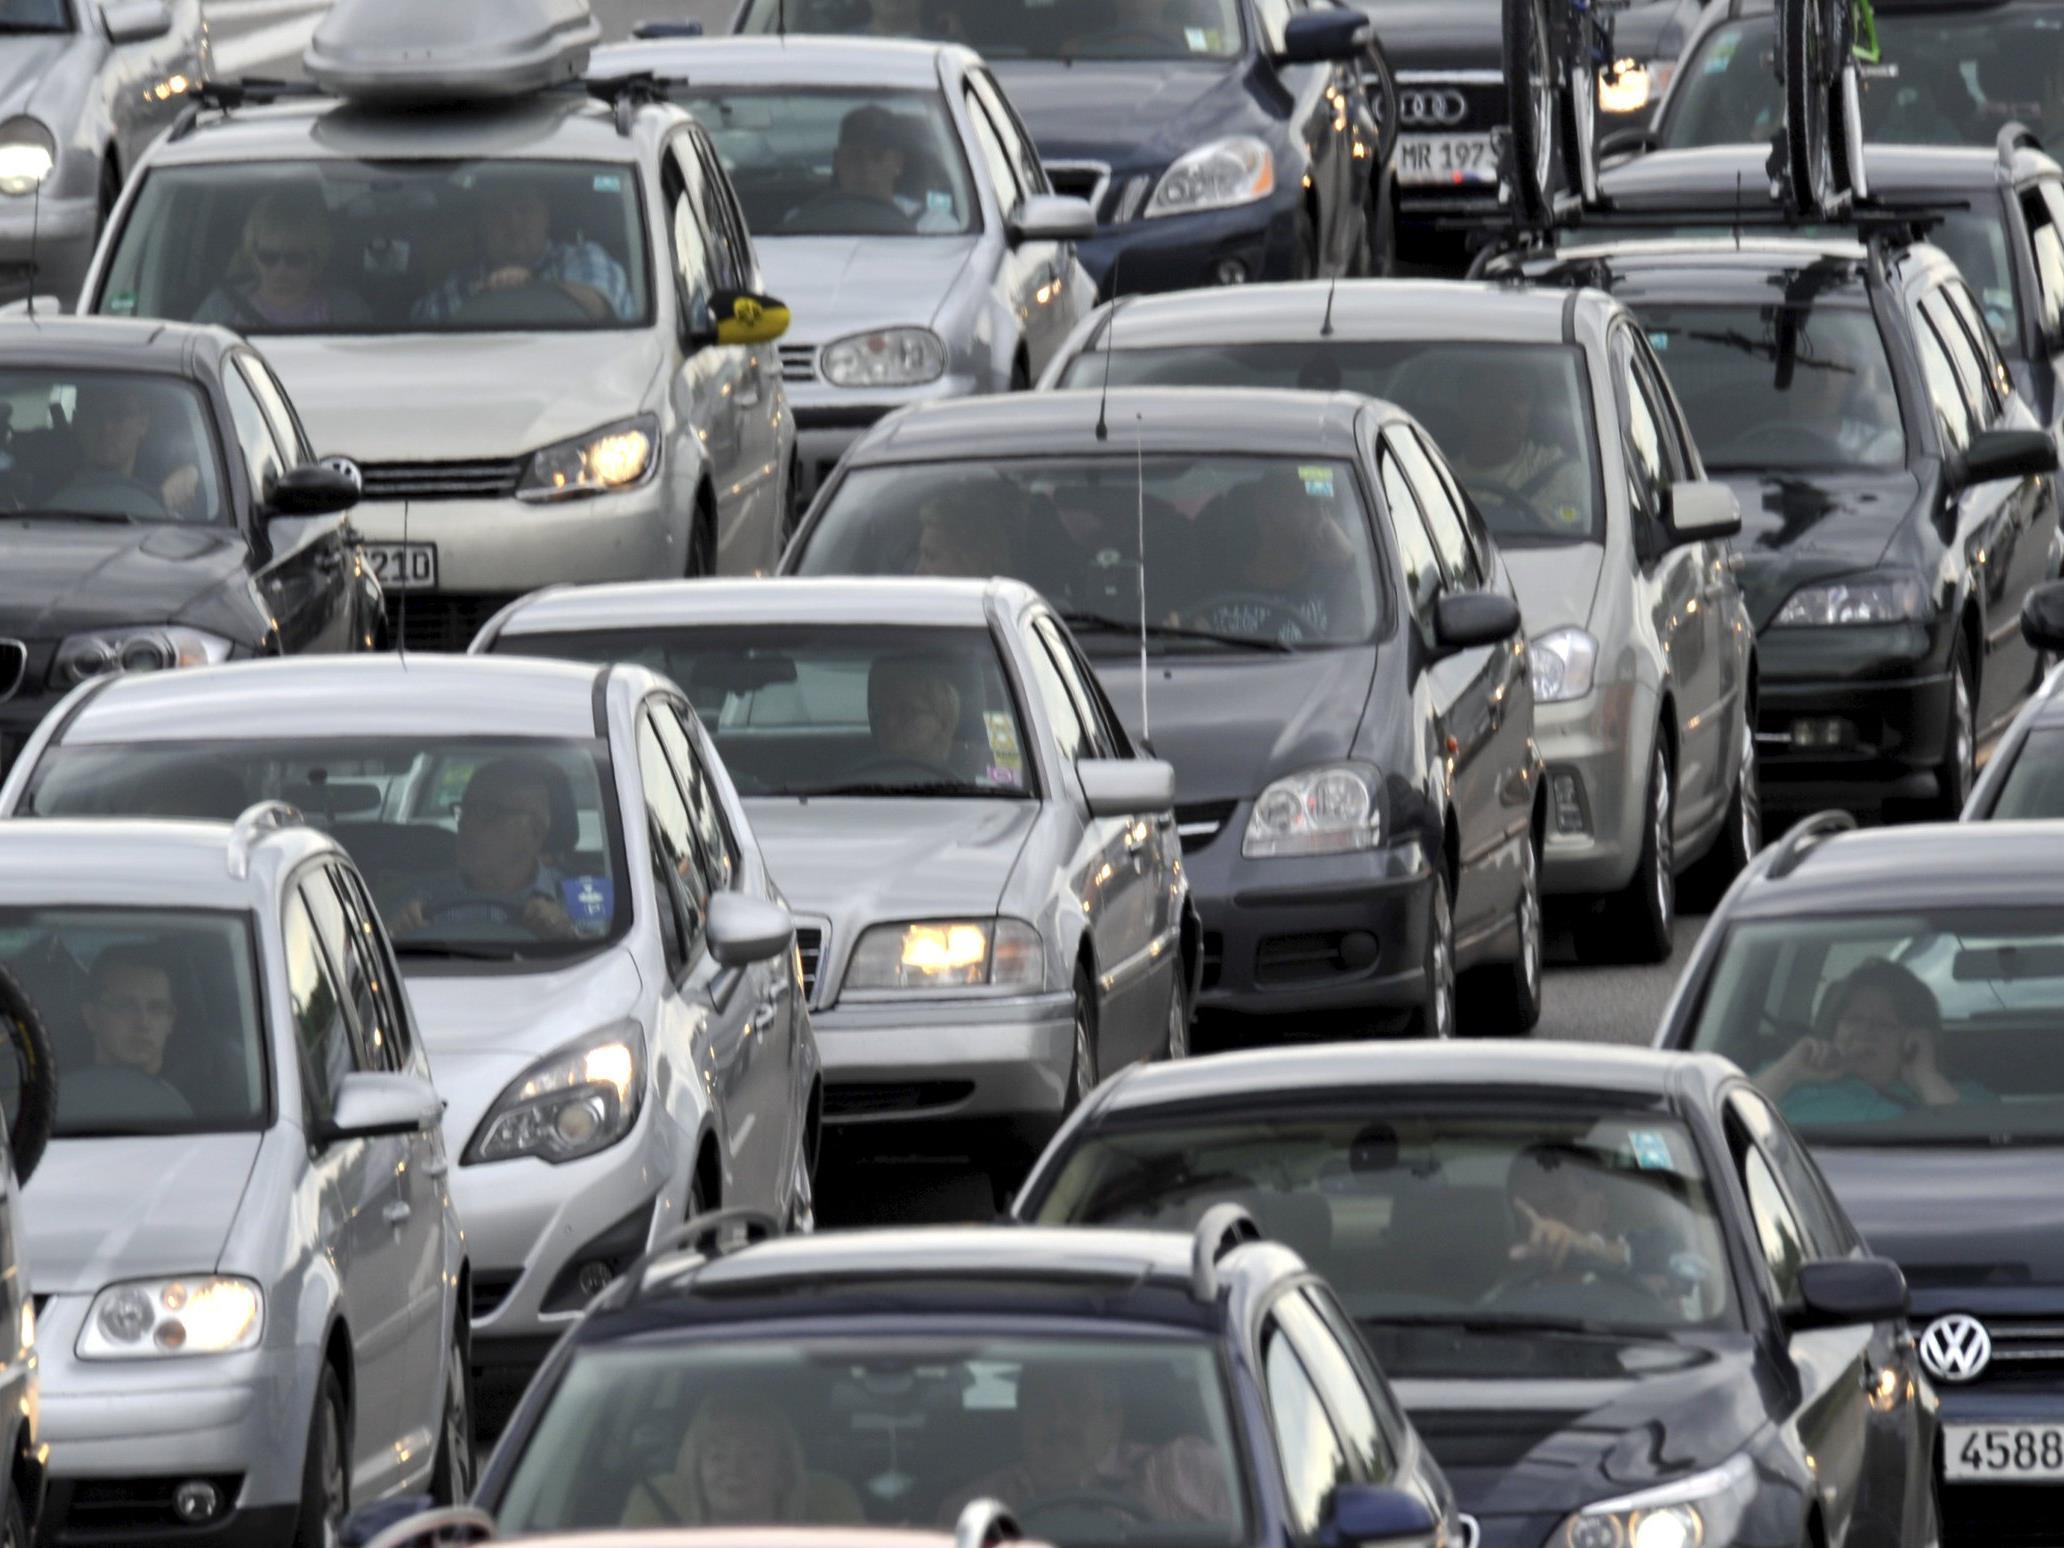 Auf der A2 kam es am Montag bei Vösendorf zu einem Unfall mit sieben beteiligten PKW